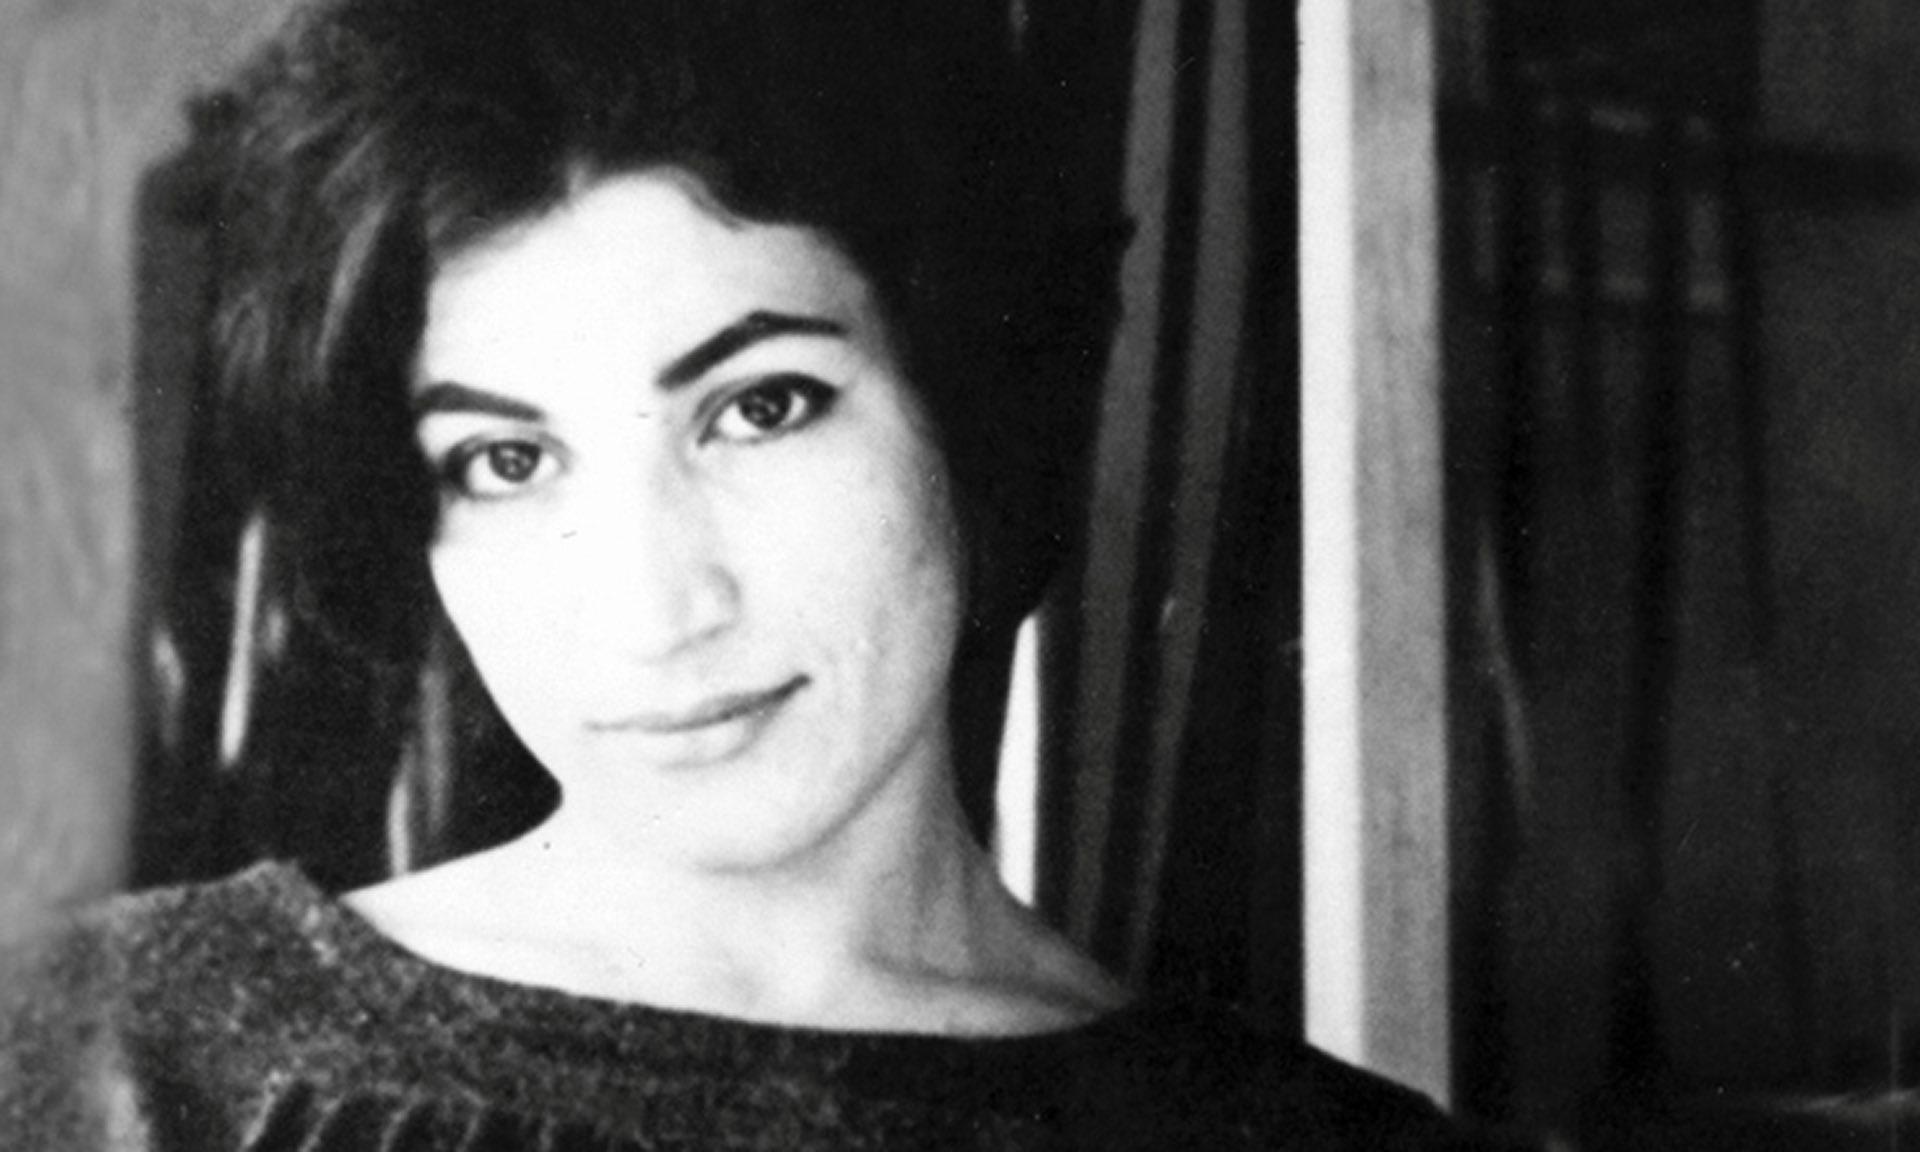 Forough Farrokhzad, décédée le 13 février 1967 dans un accident de voiture.